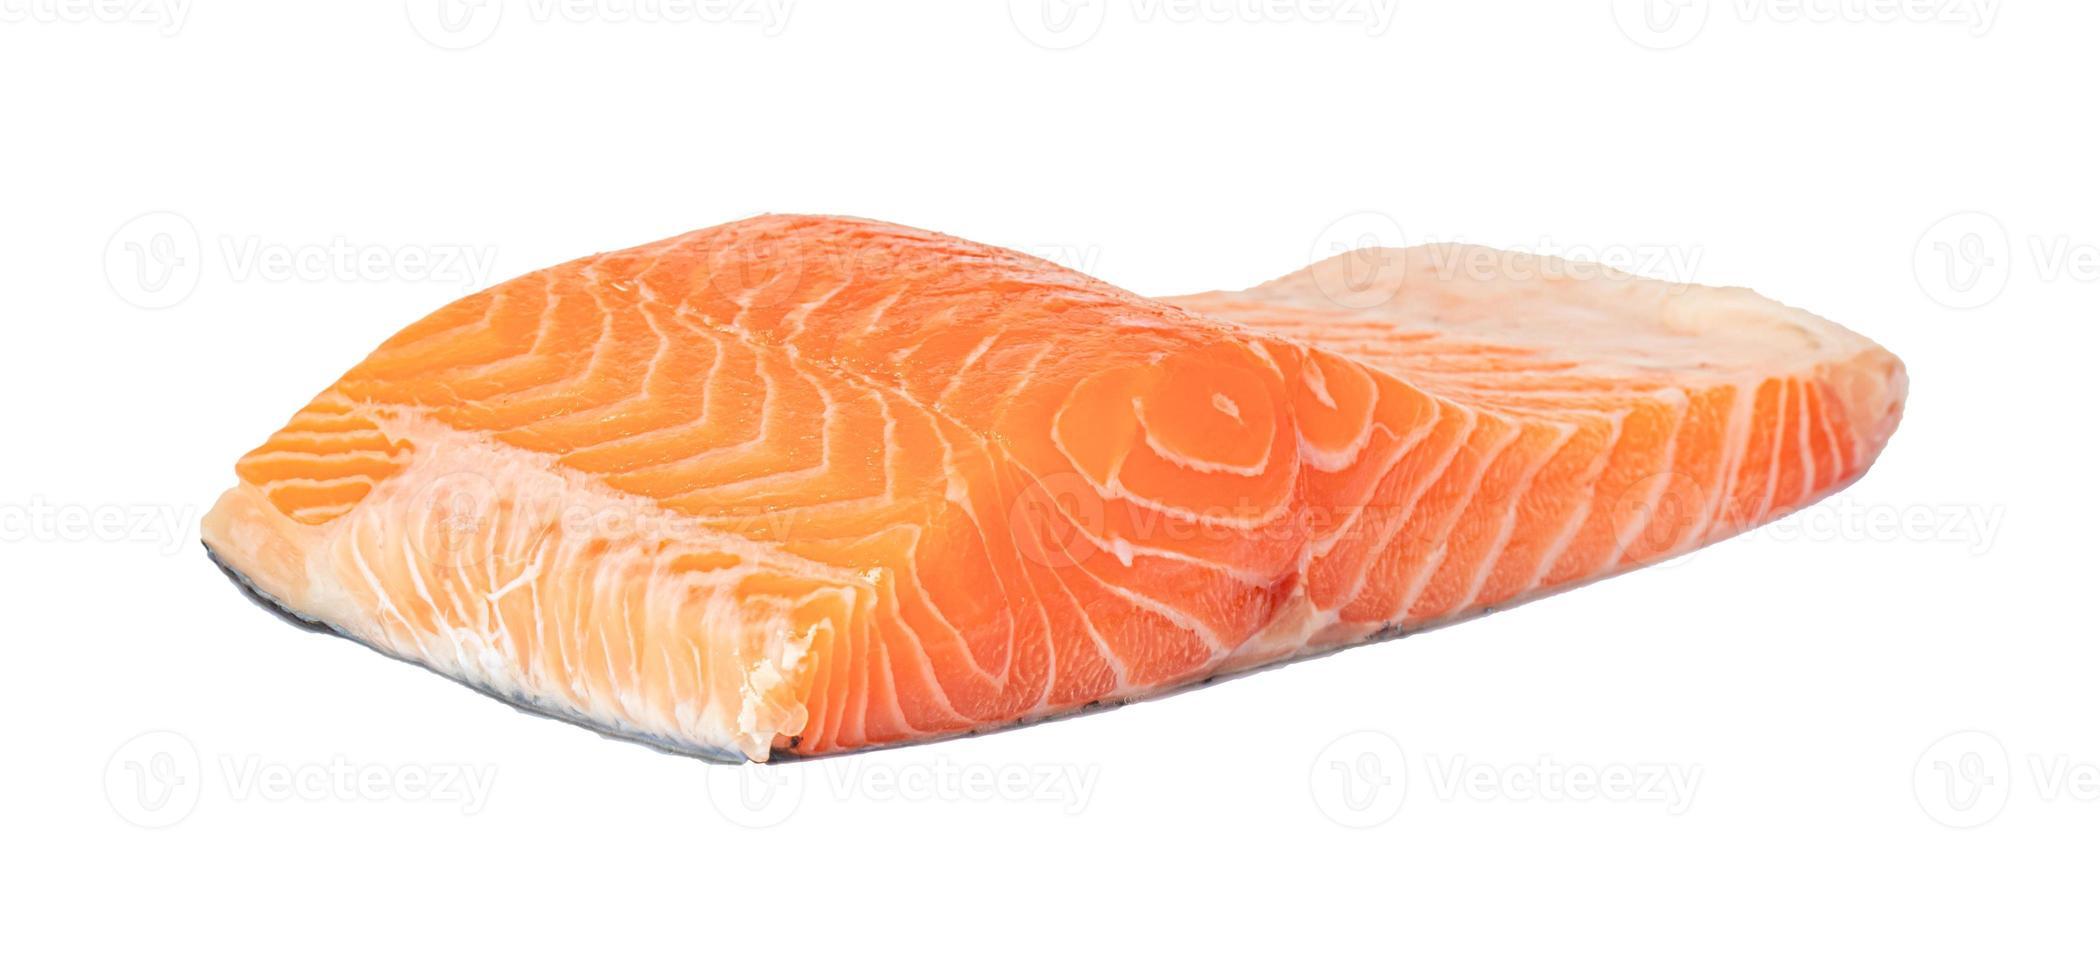 filet de saumon sur fond blanc photo